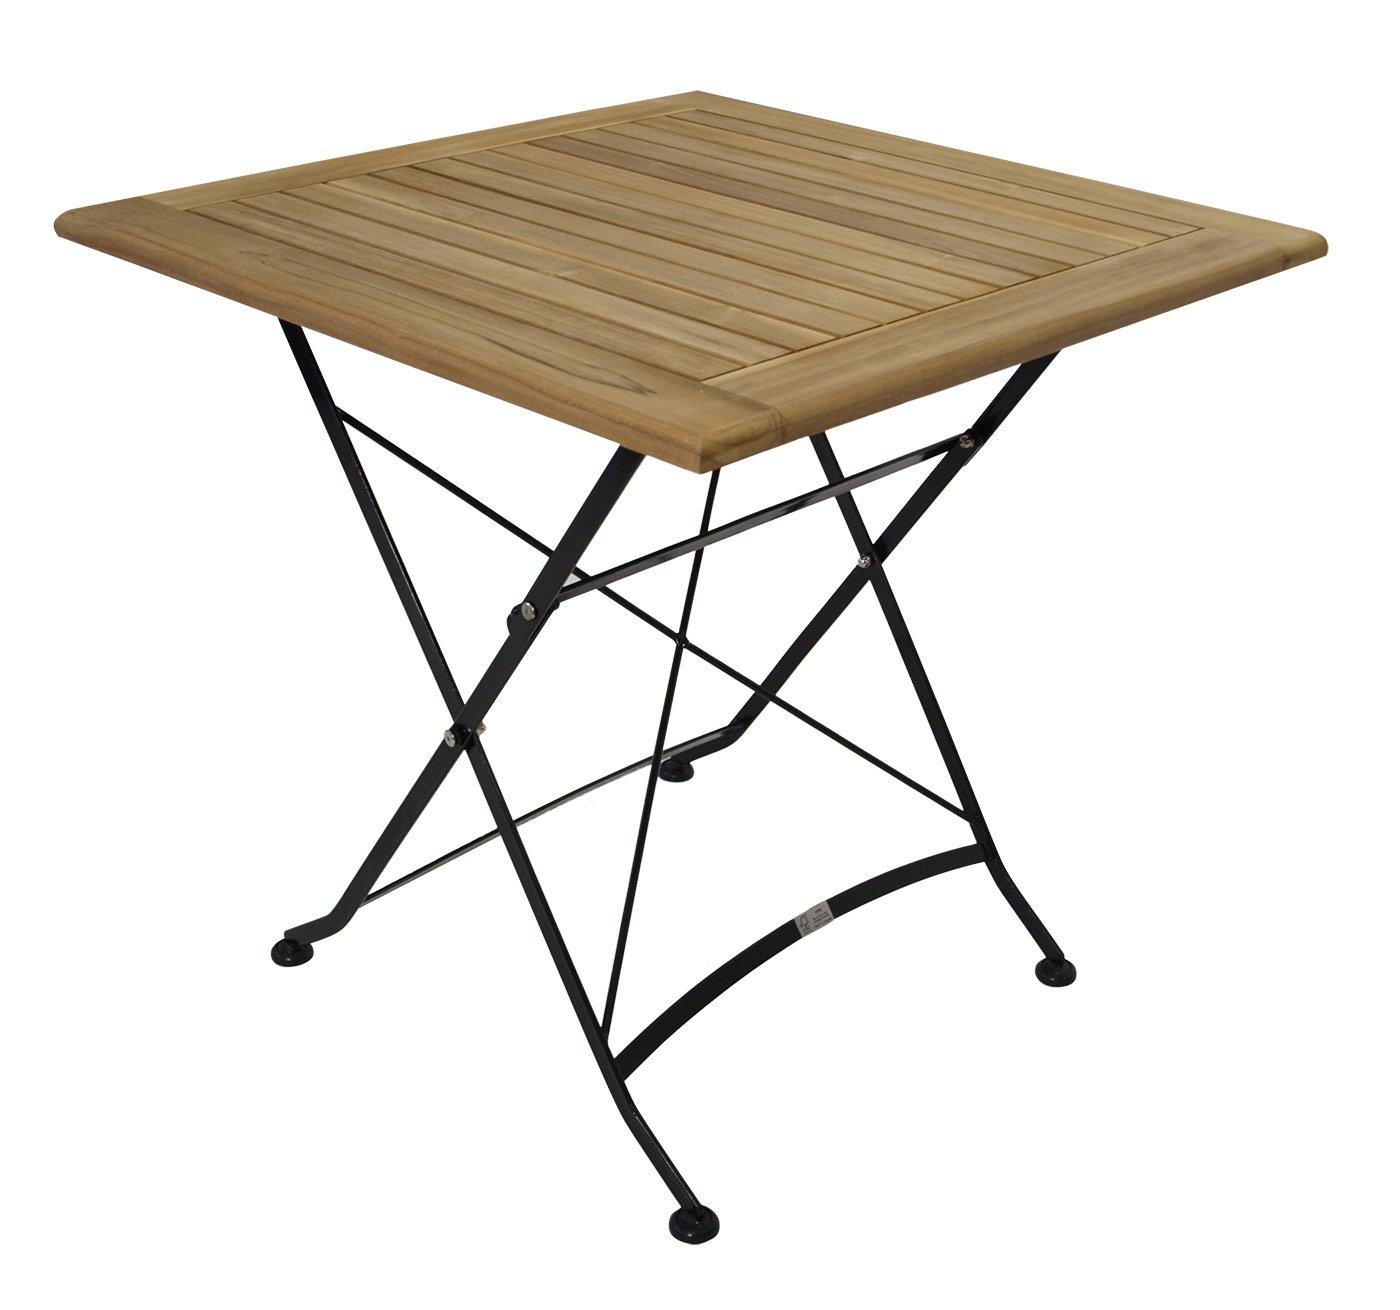 1 Tisch Klapptisch 75 x 75 Gartenmöbel Stahl Holztisch Teak Holz ...